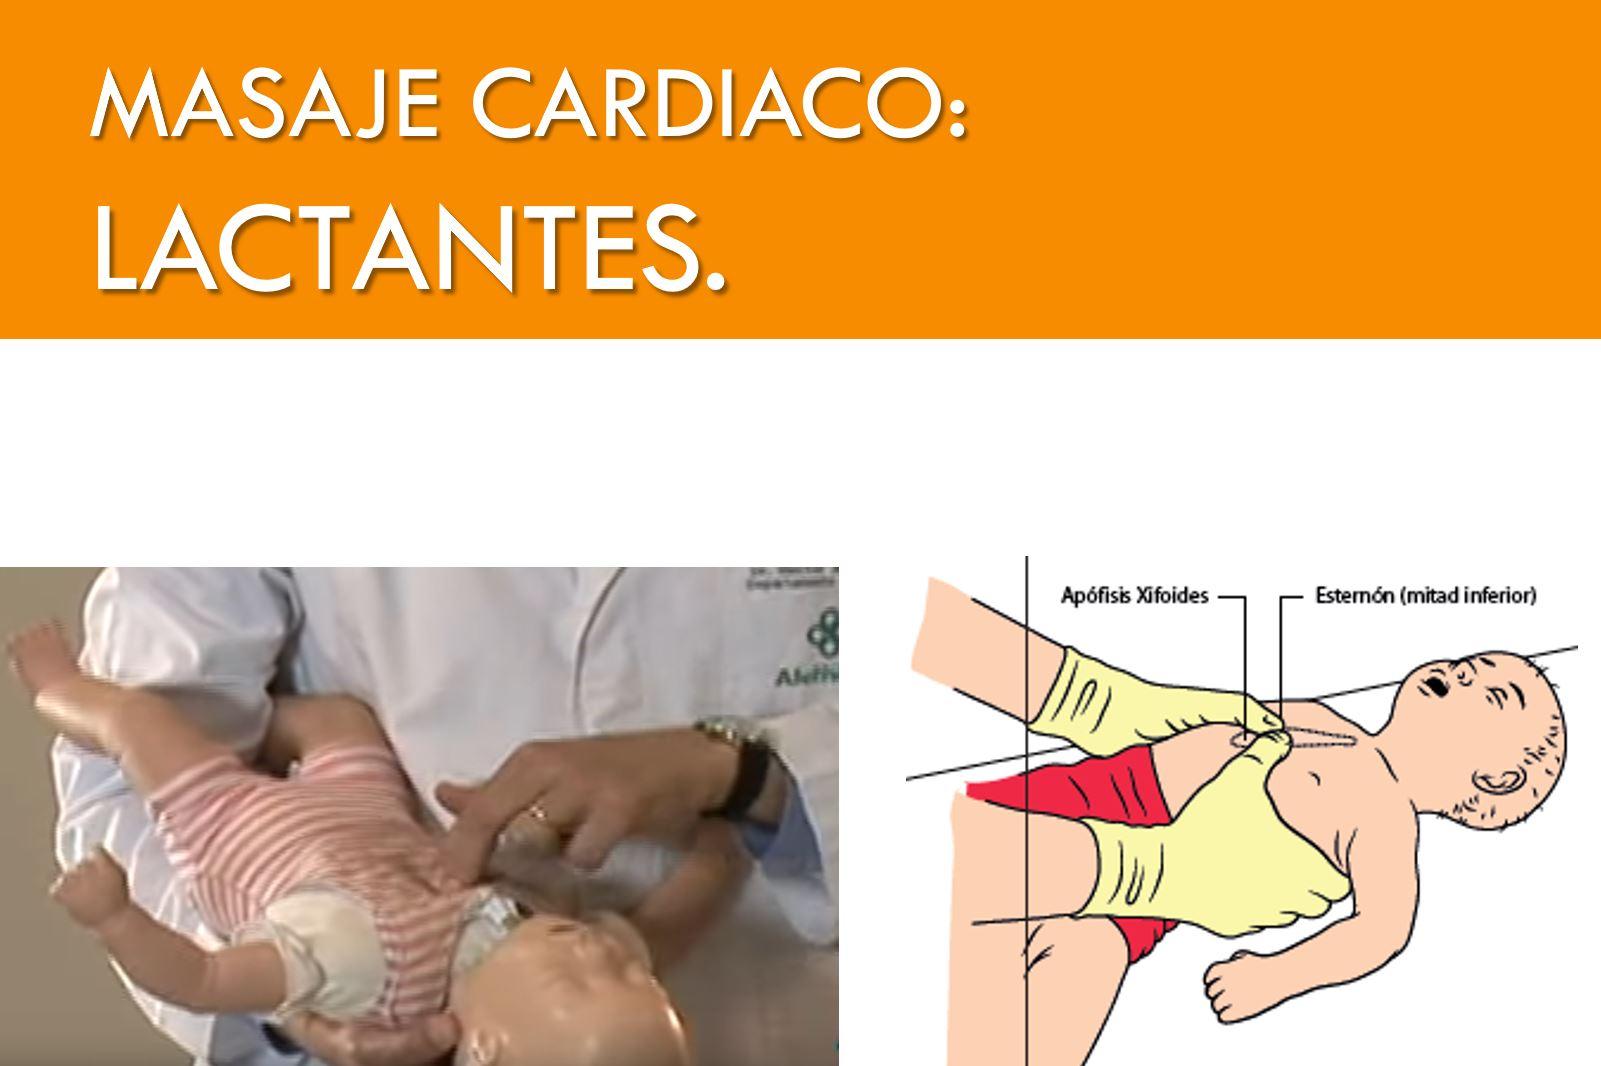 MASAJE CARDIACO LACTANTES